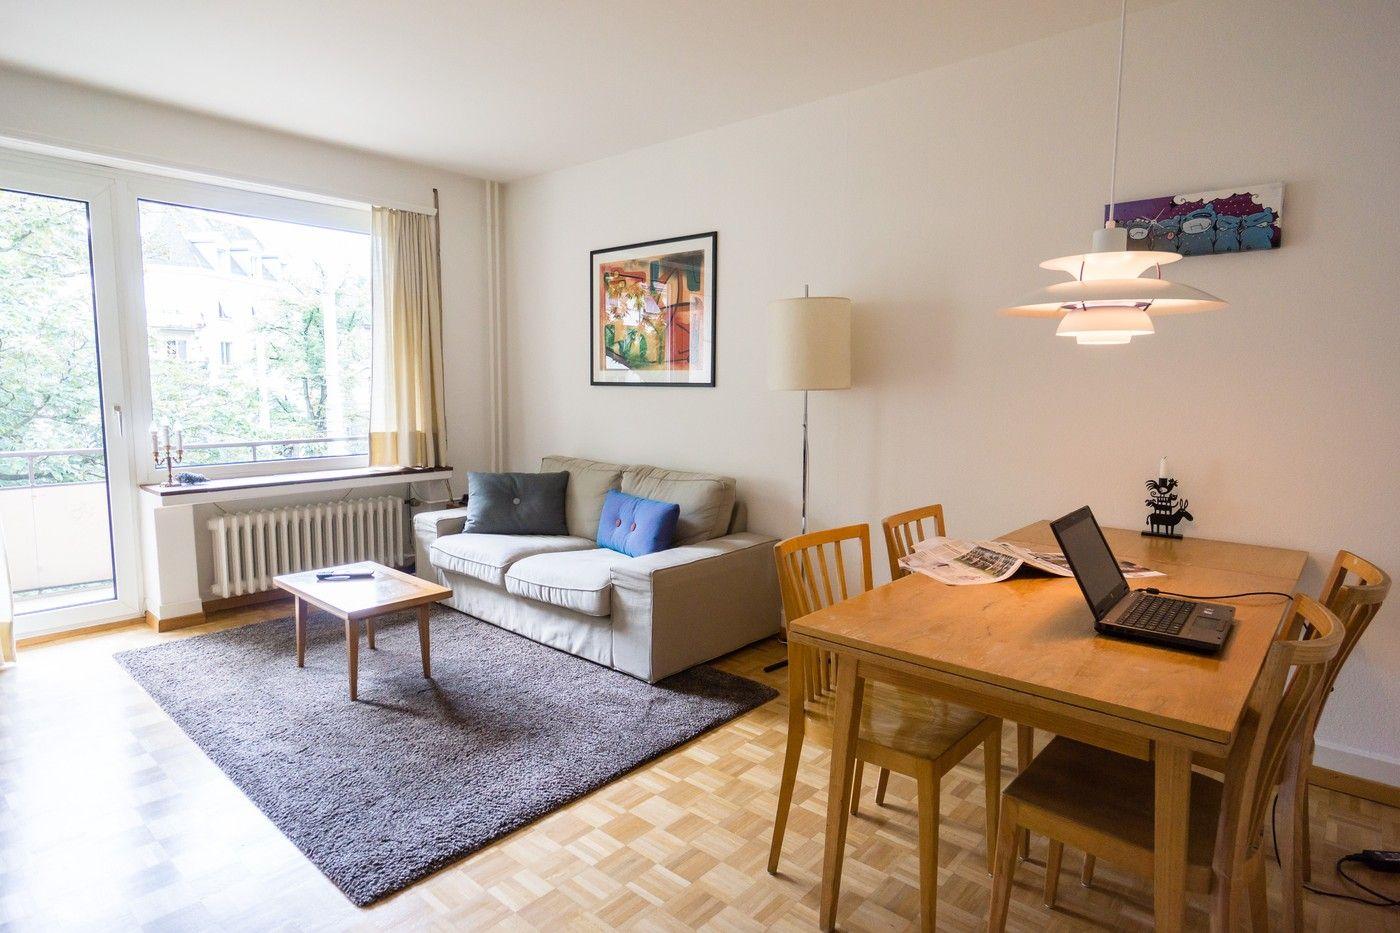 Zentrale 3 Zimmer Wohnung In Zurich Zu Vermieten Wohnung Wohnung In Zurich Wohnung Mieten